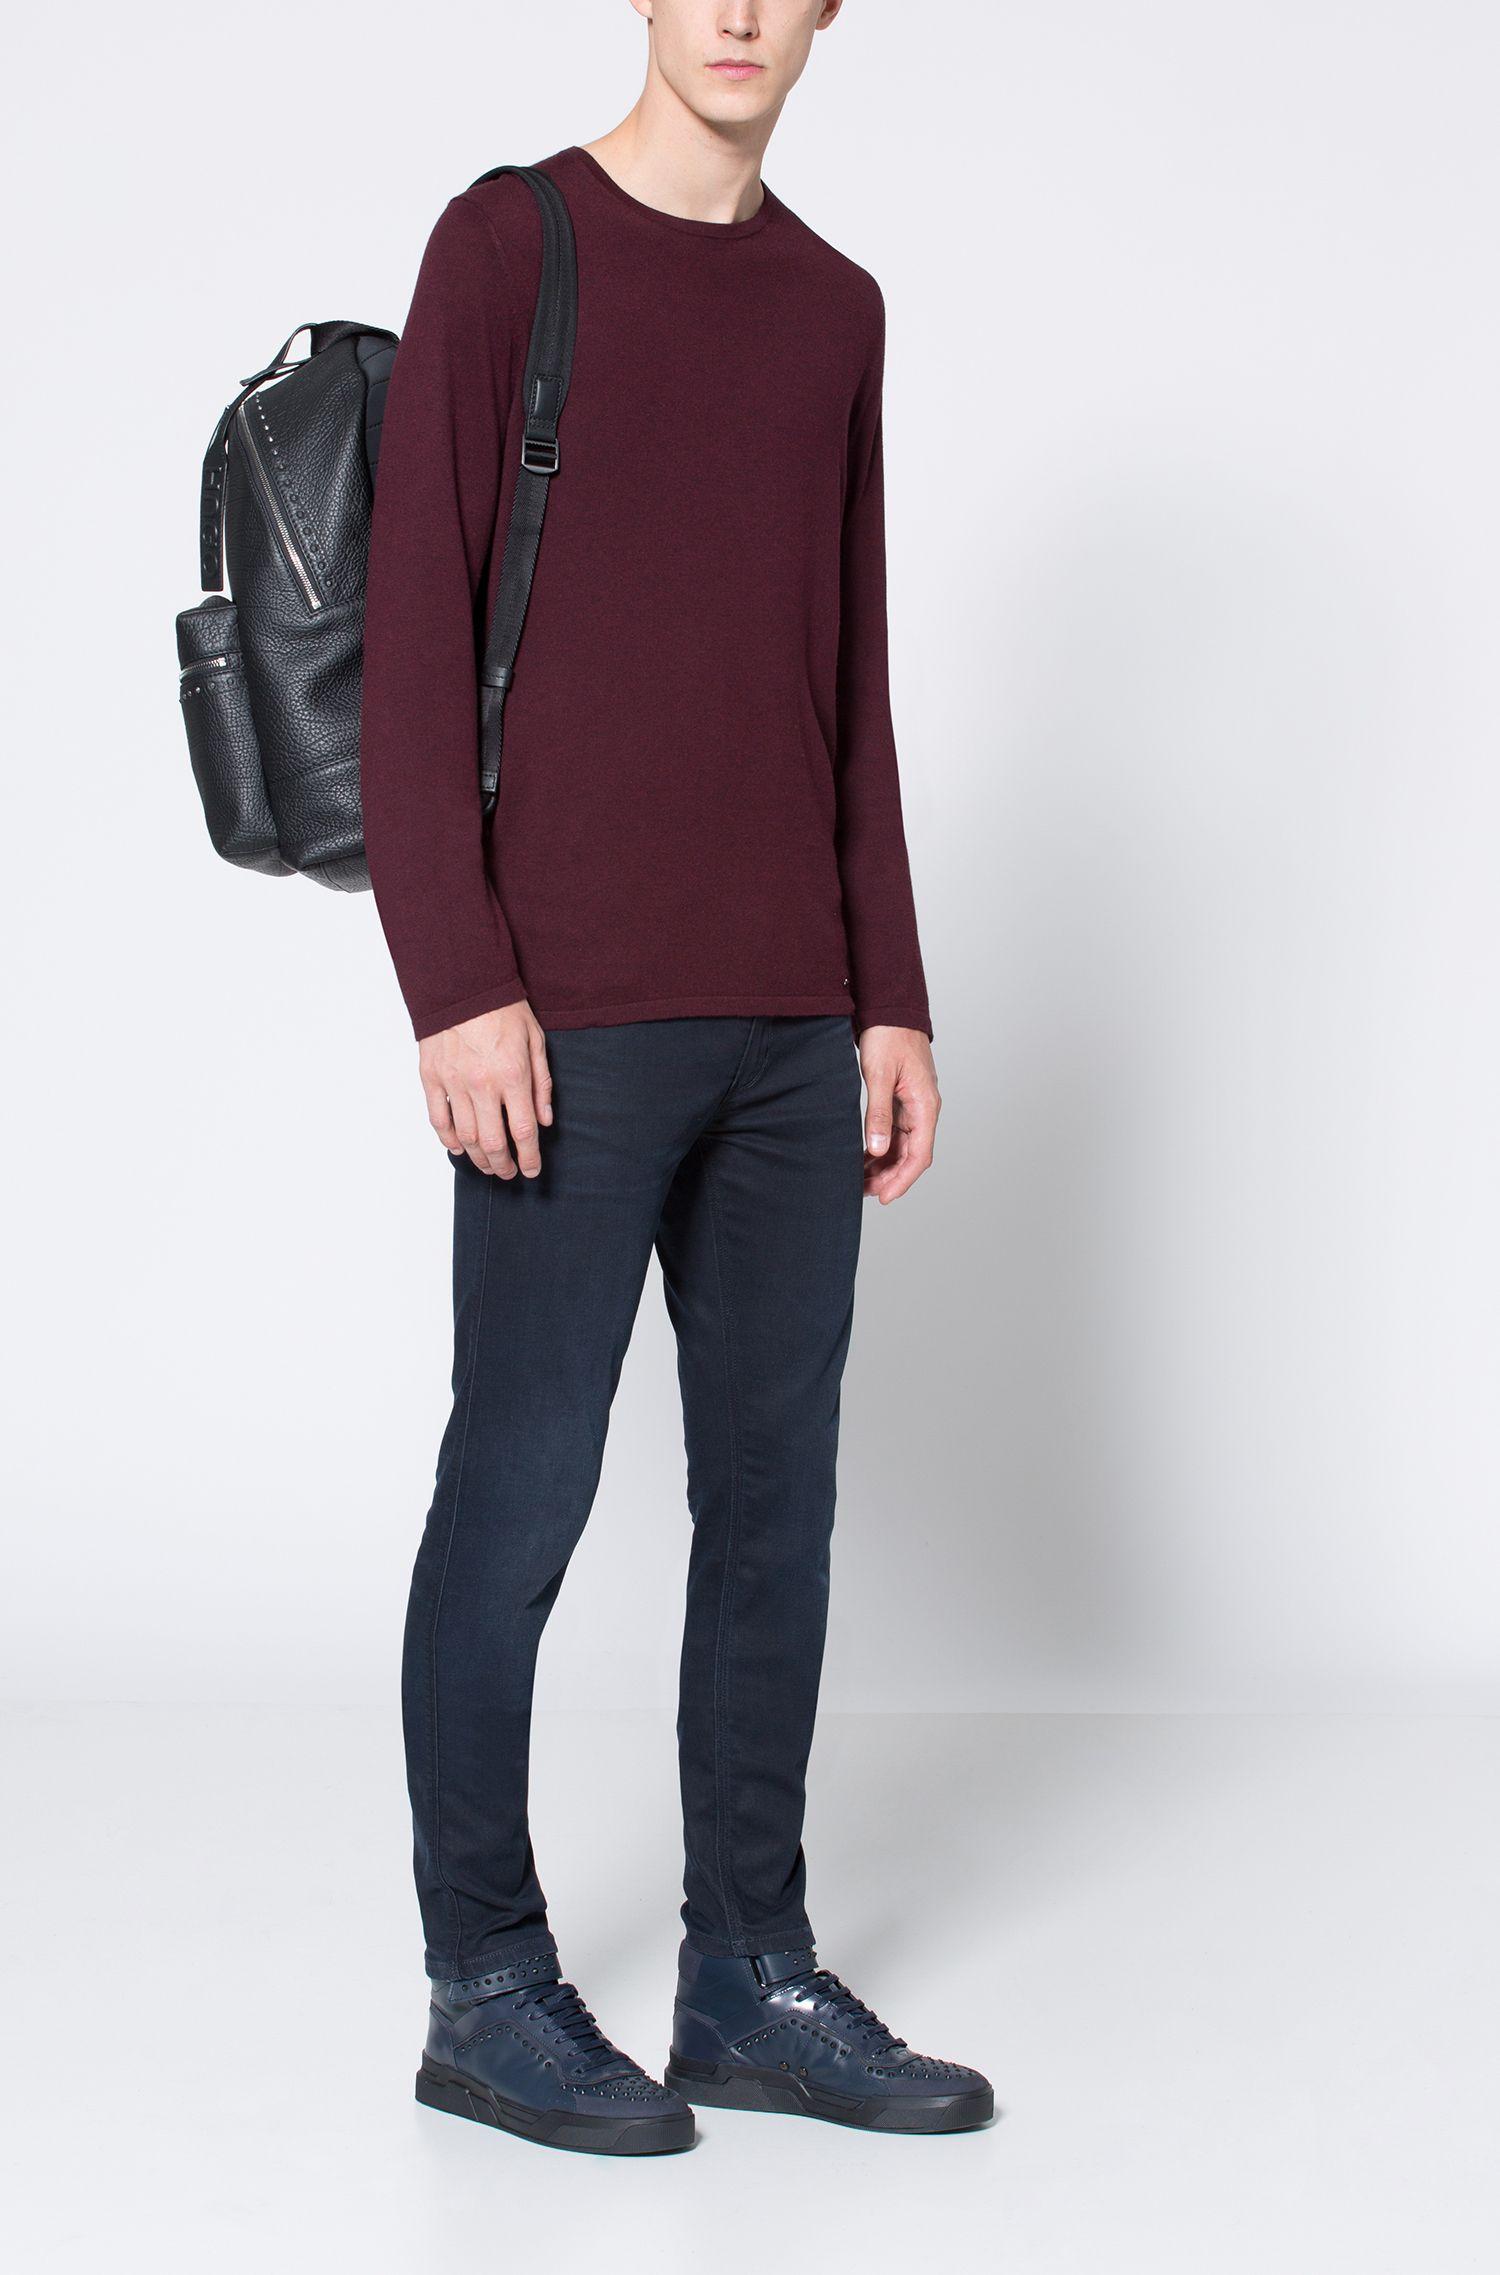 Cotton Blend Sweater | San Bastio, Dark Red